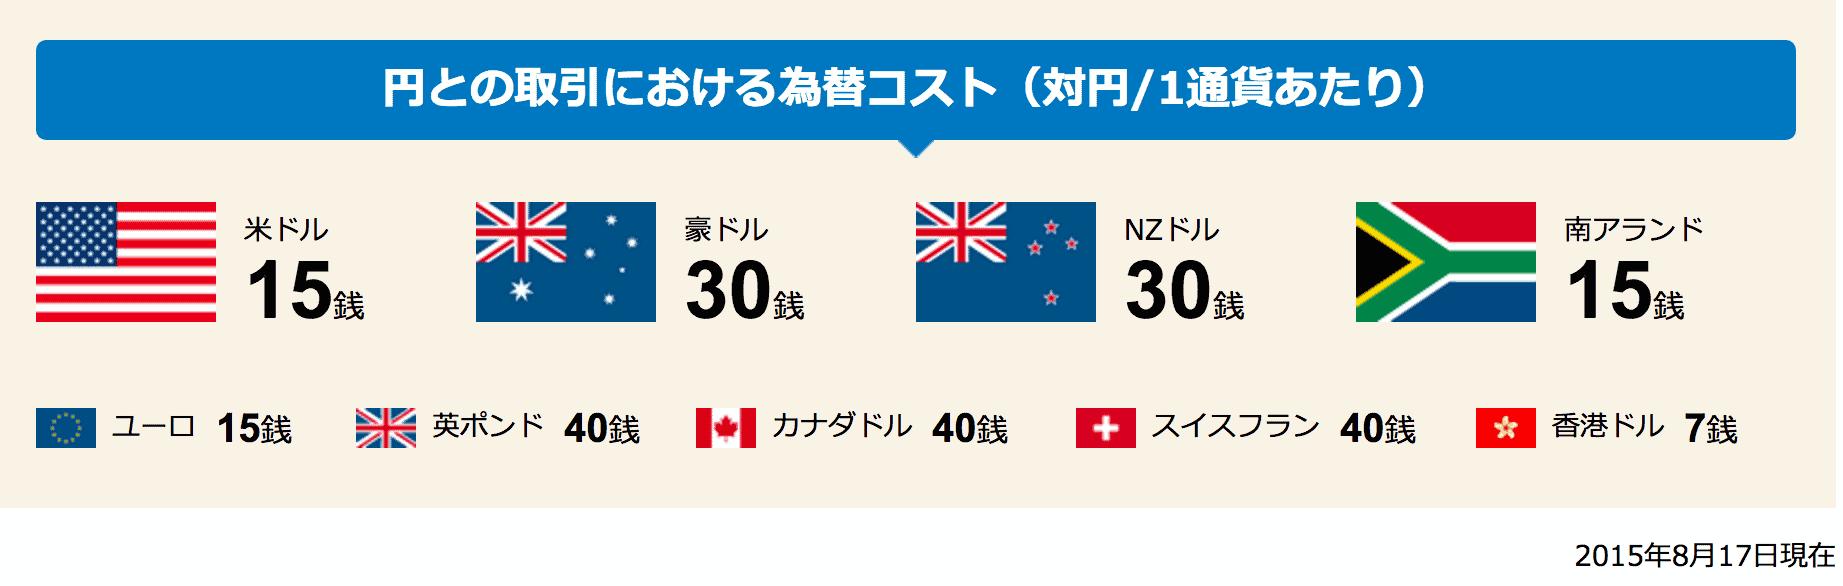 住信SBIネット銀行【外貨預金】の為替コスト